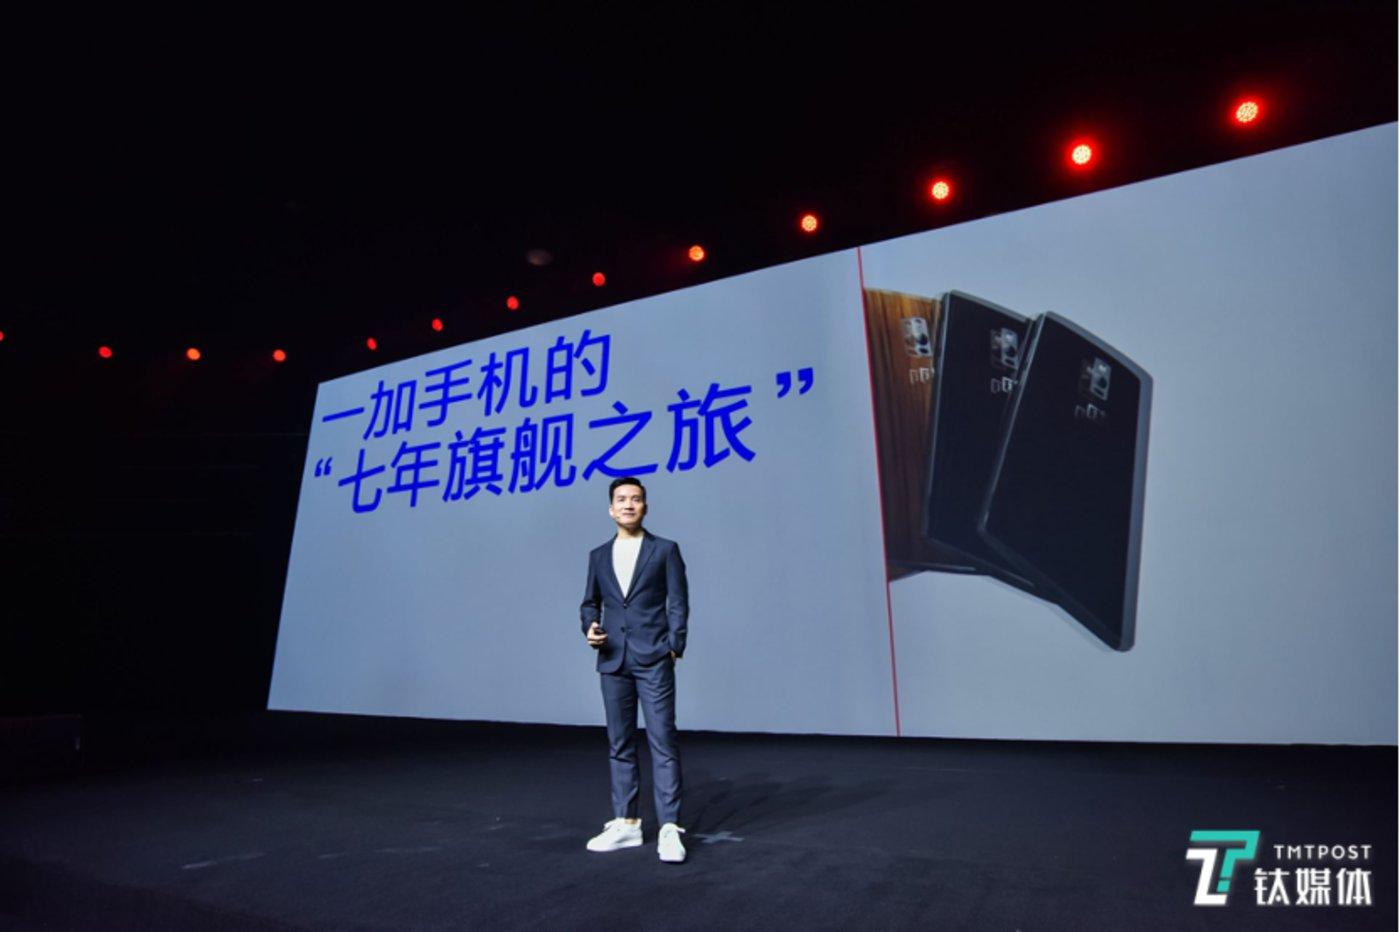 刘发来内部信函:一加手机争取明年上线第一高端 并下大力气下线  CEO表示: